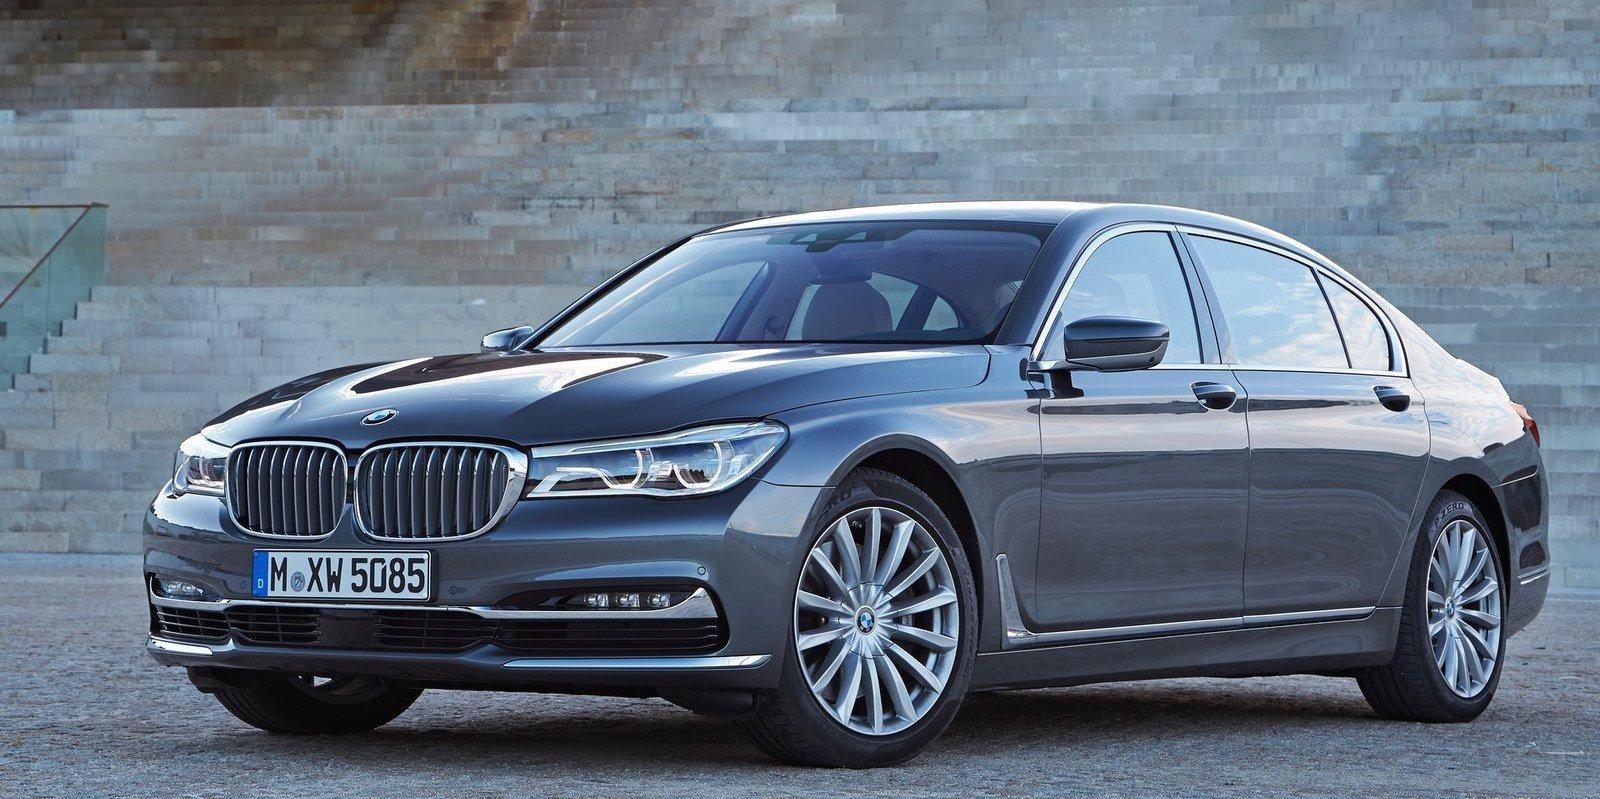 2016 BMW New Cars - Photos